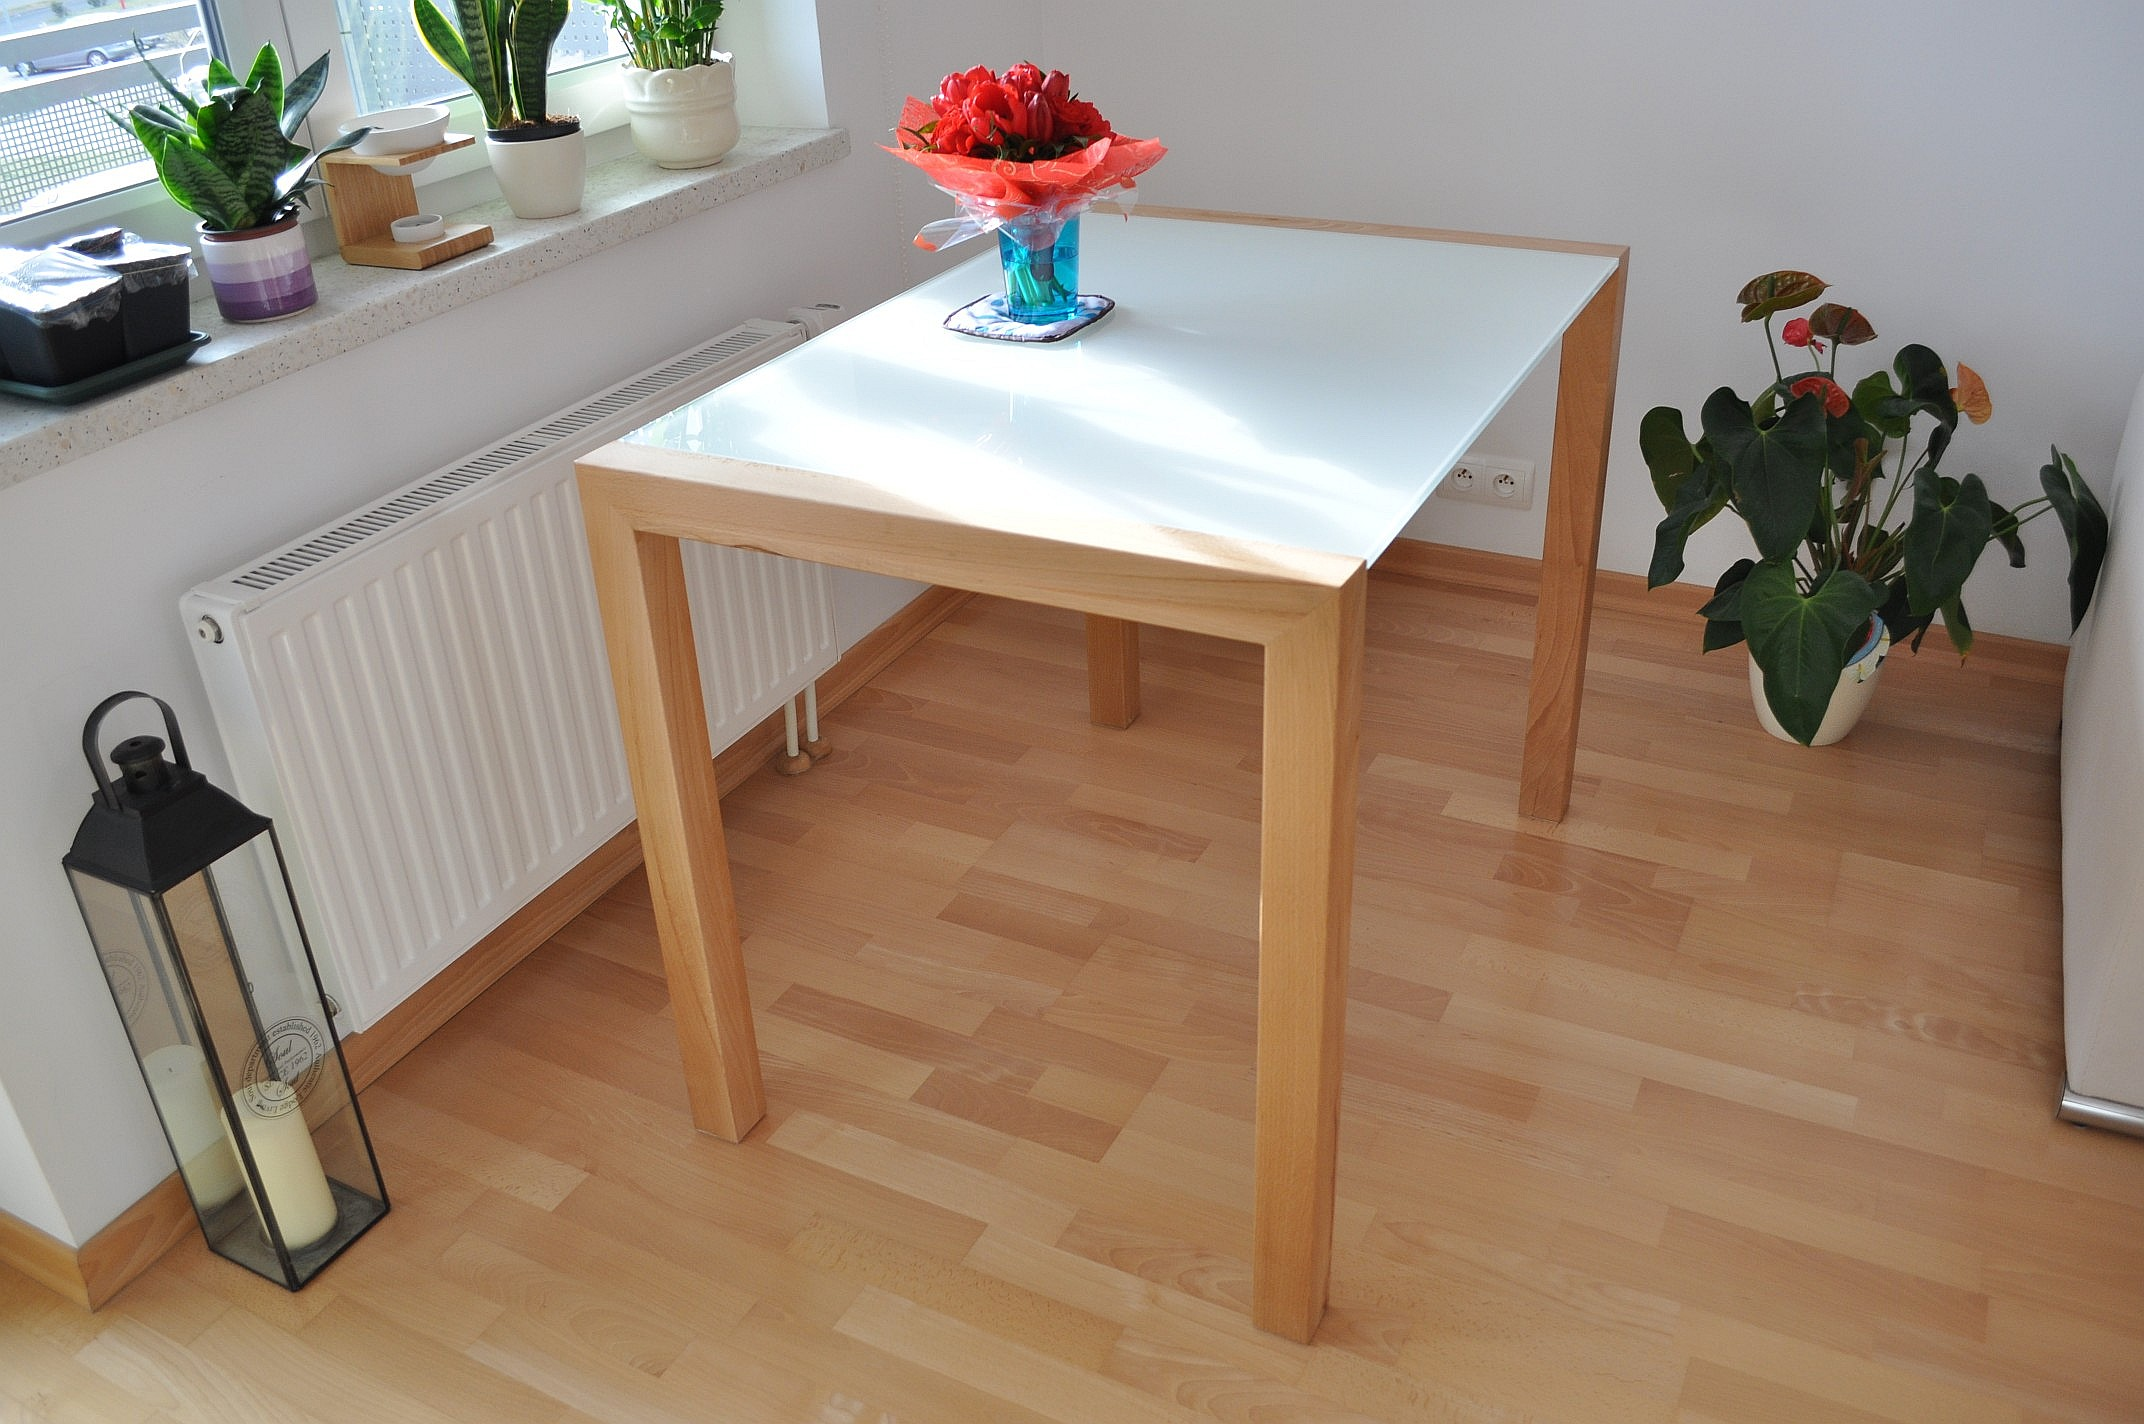 Stół bezoskrzyniowy drewno metal szkło wrocław